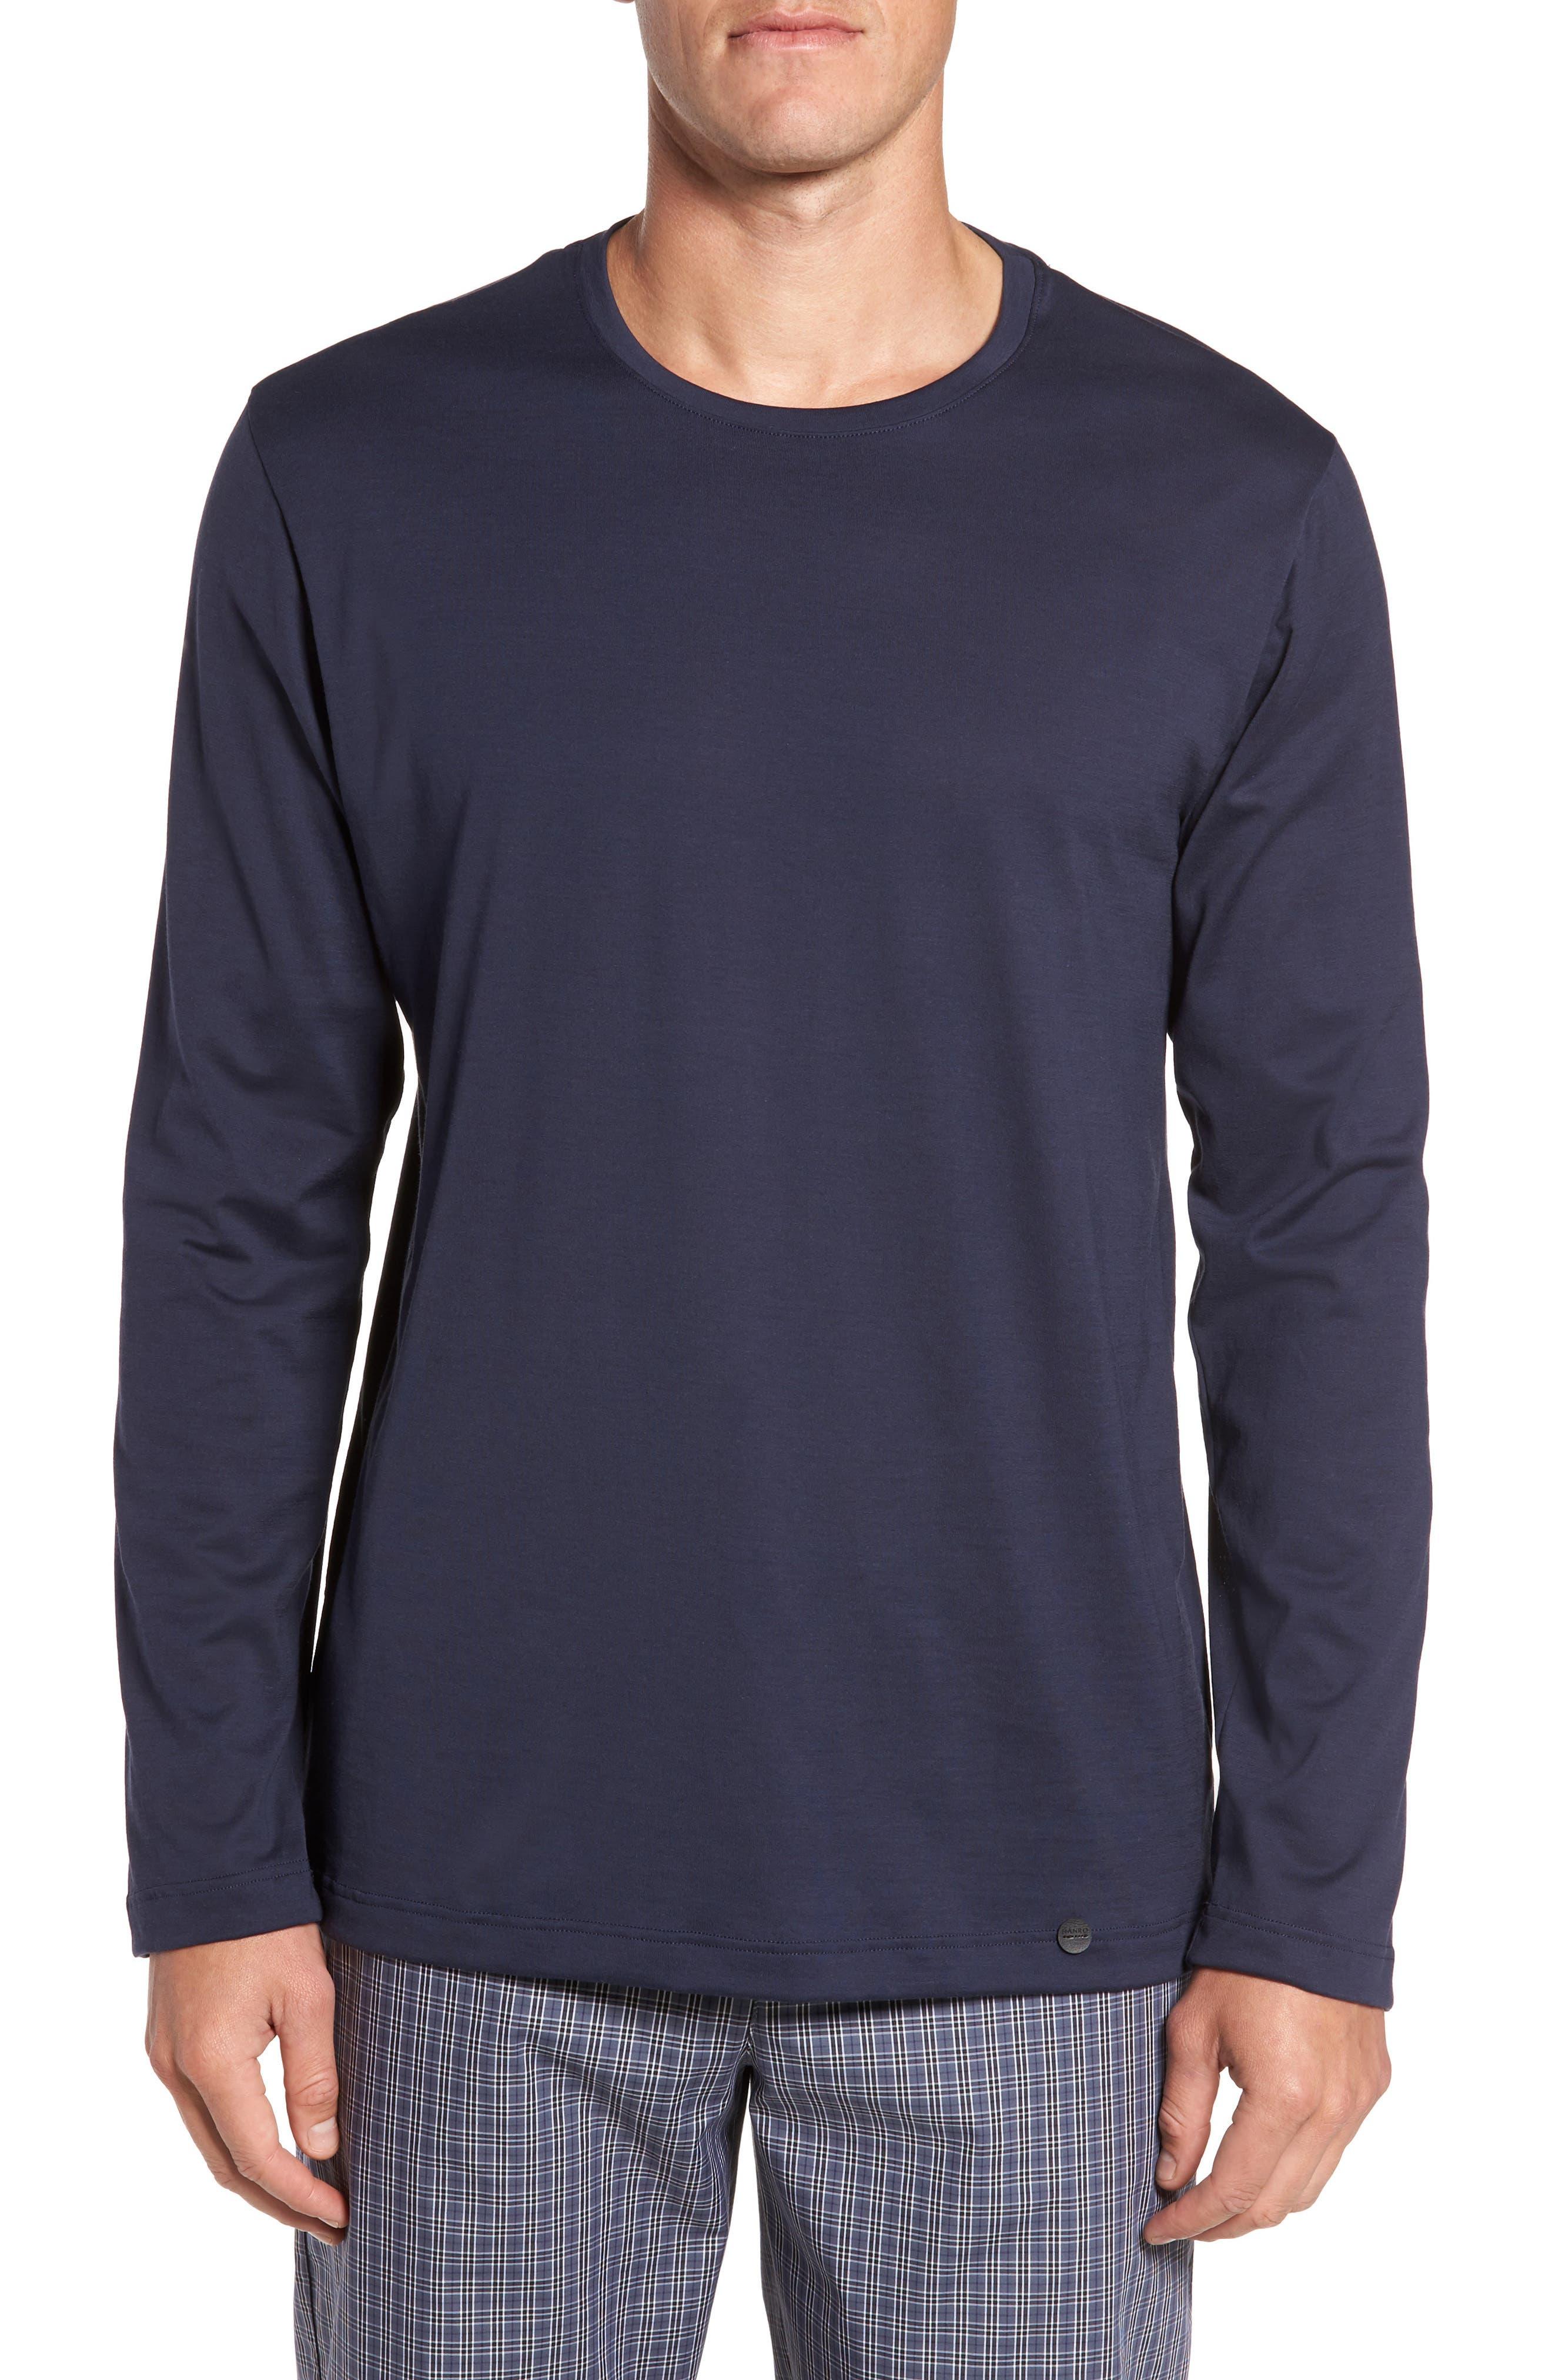 Main Image - Hanro Night & Day Lounge T-Shirt